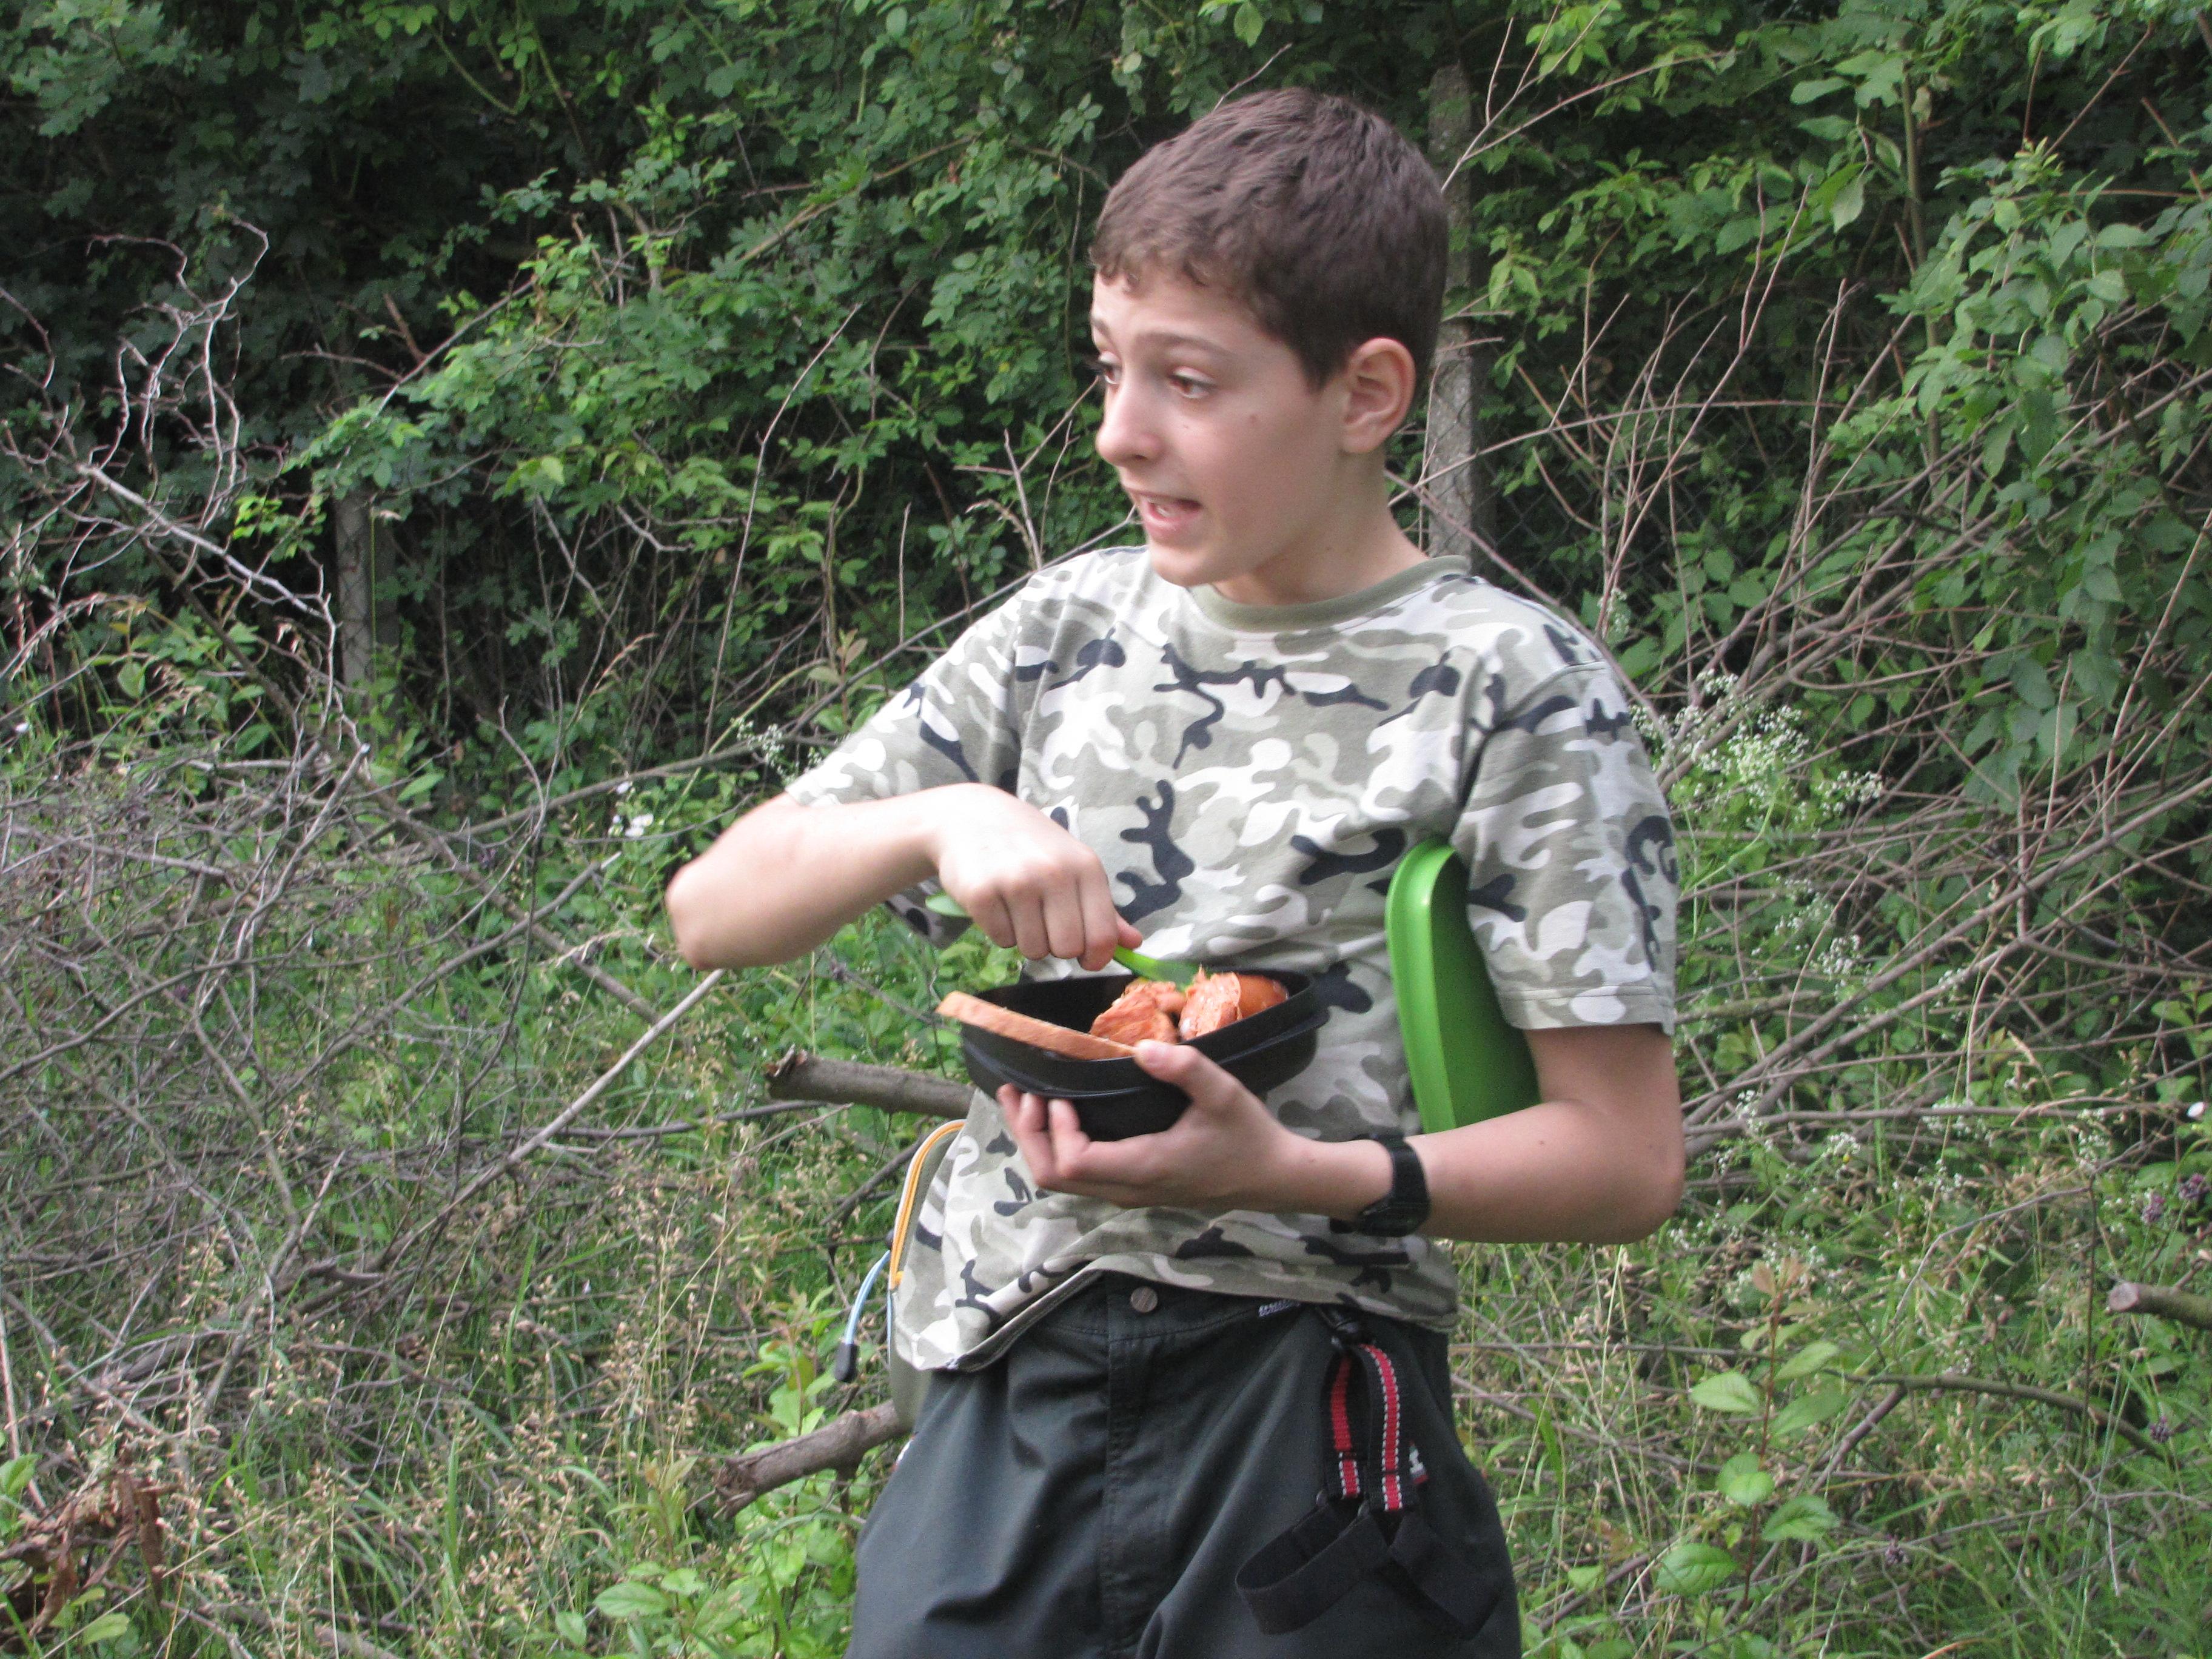 Trojdňovka prežitia v lese